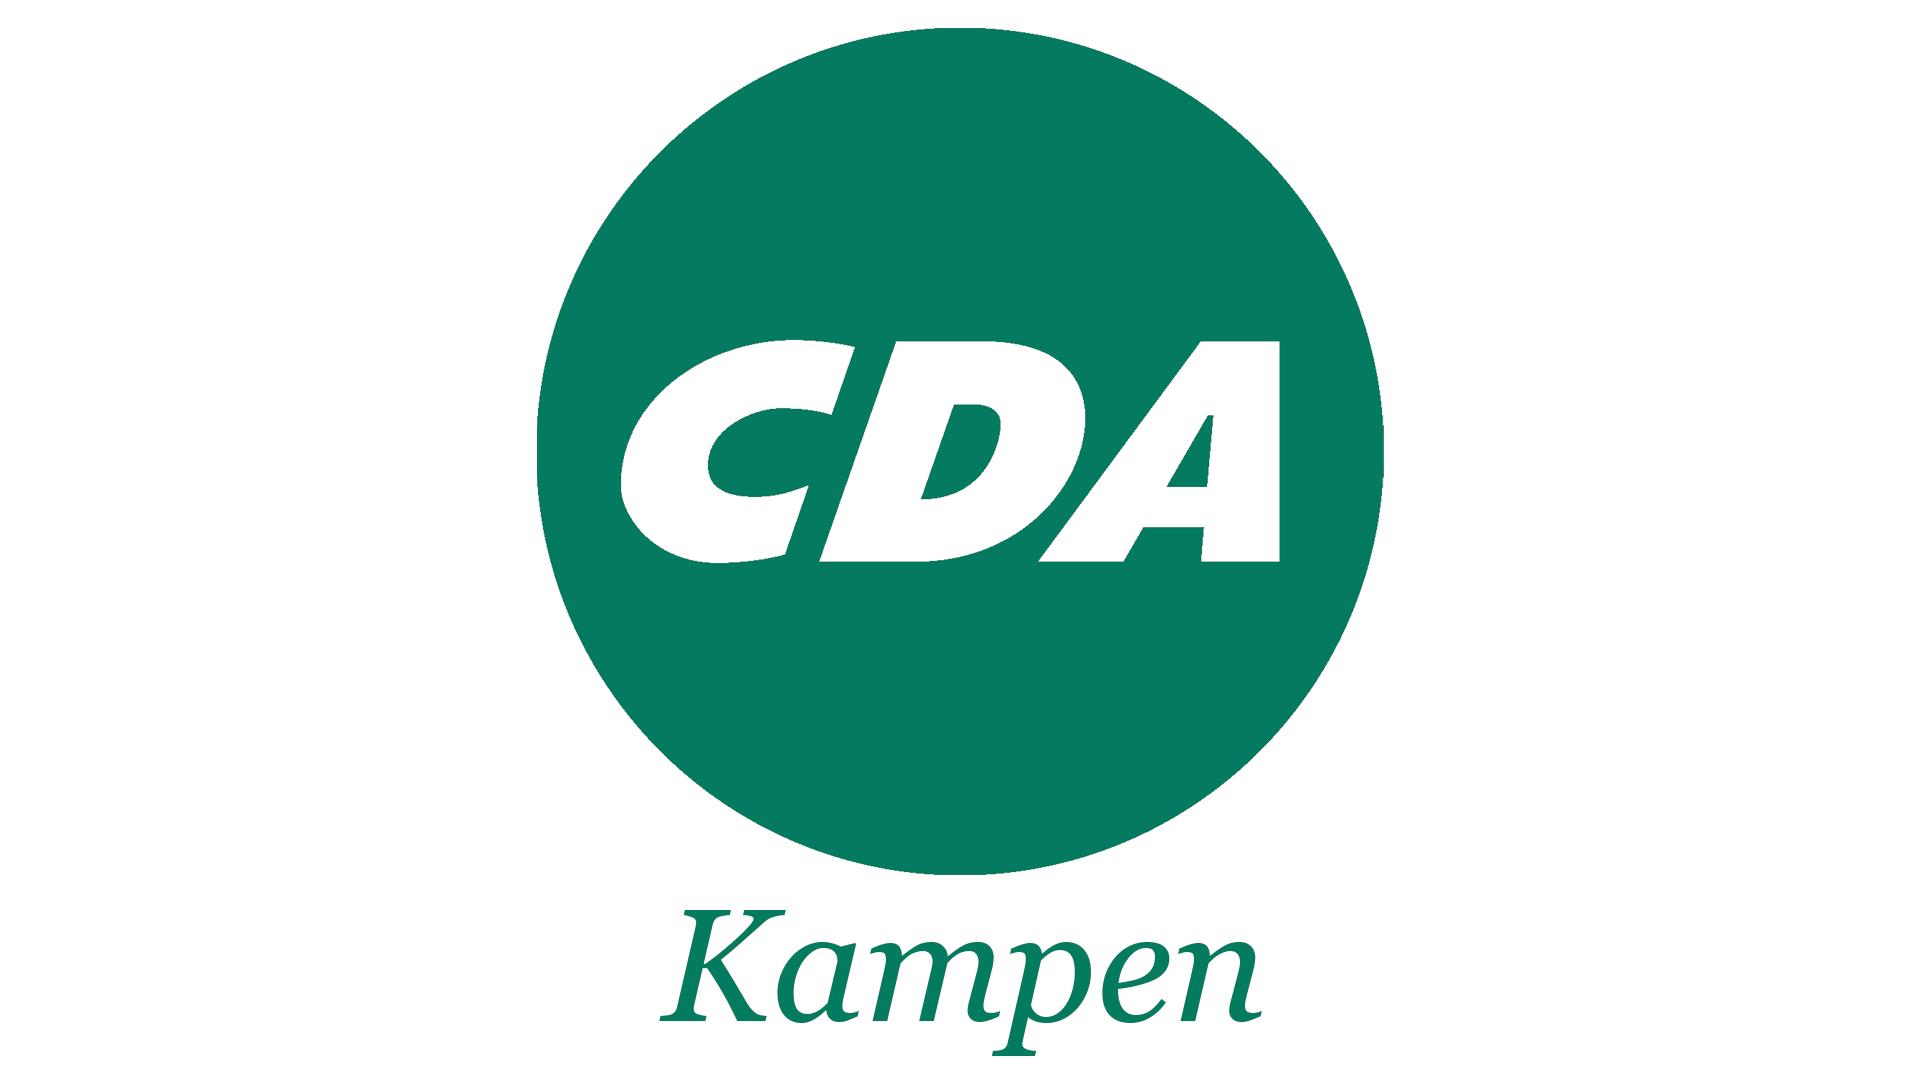 CDA Kampen in de bres voor vitale en aantrekkelijke binnenstad